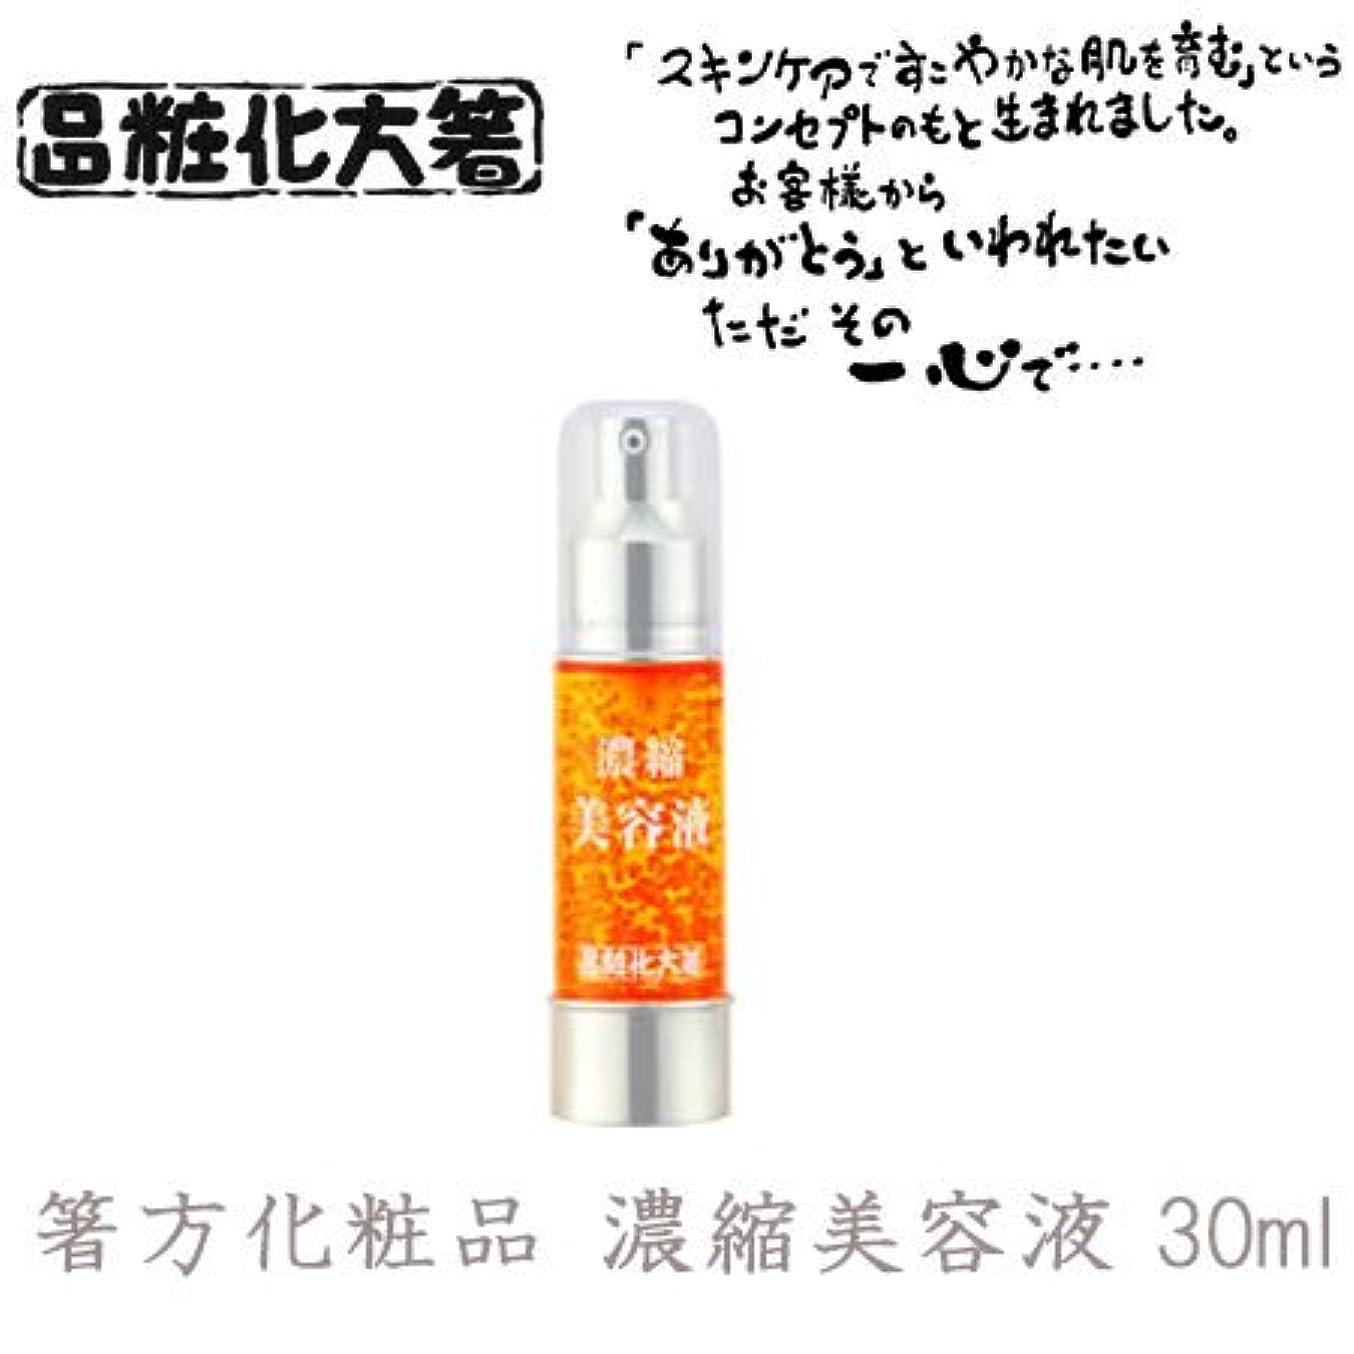 修正する胚月面箸方化粧品 濃縮美容液 30ml はしかた化粧品